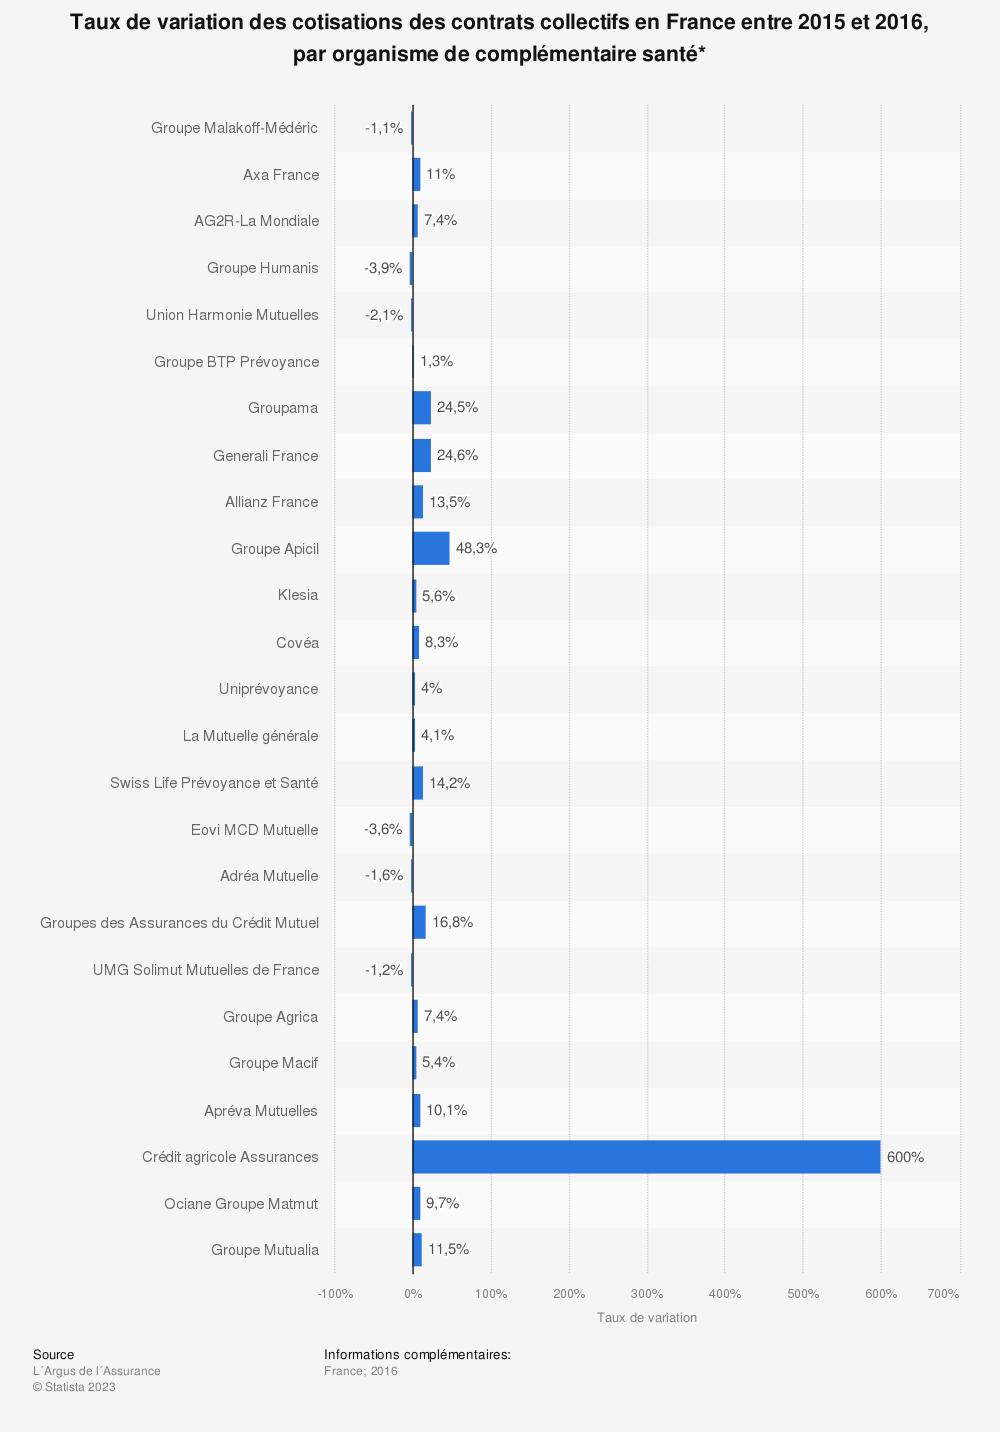 Statistique: Taux de variation des cotisations des contrats collectifs en France entre 2015 et 2016, par organisme de complémentaire santé* | Statista